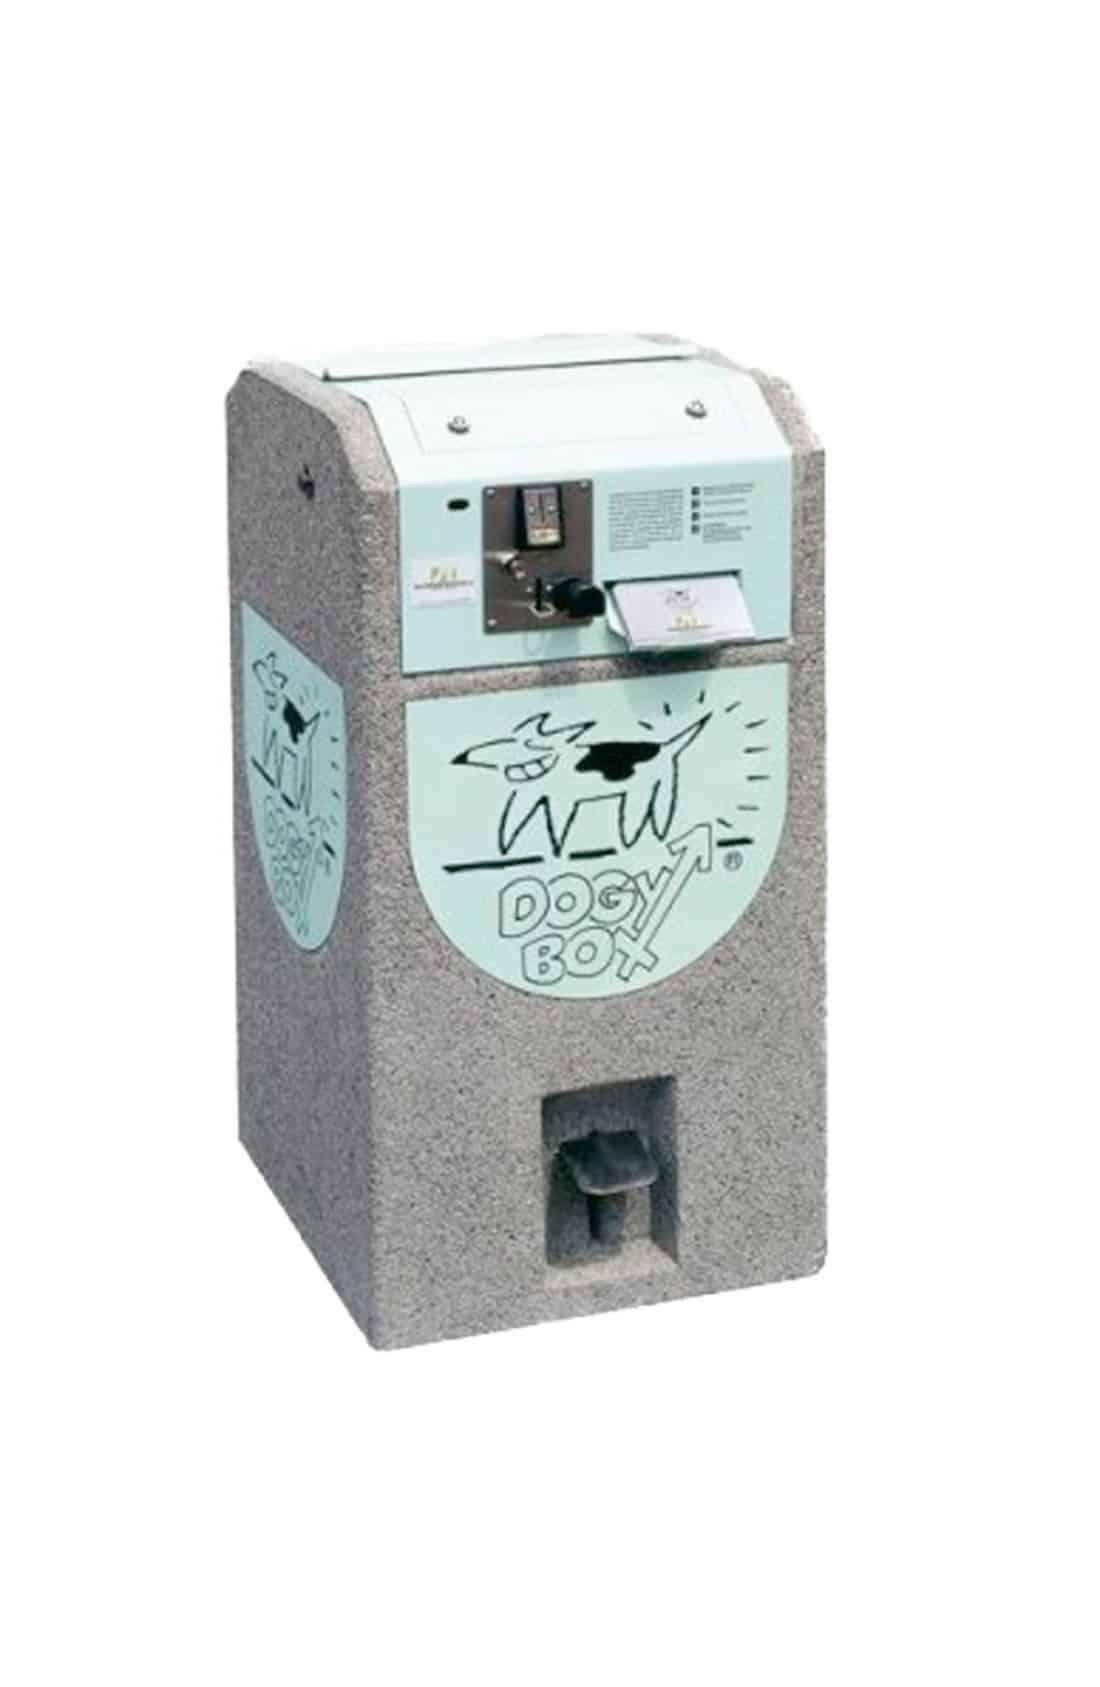 Dogy Box Concrete Dispenser und Behälter